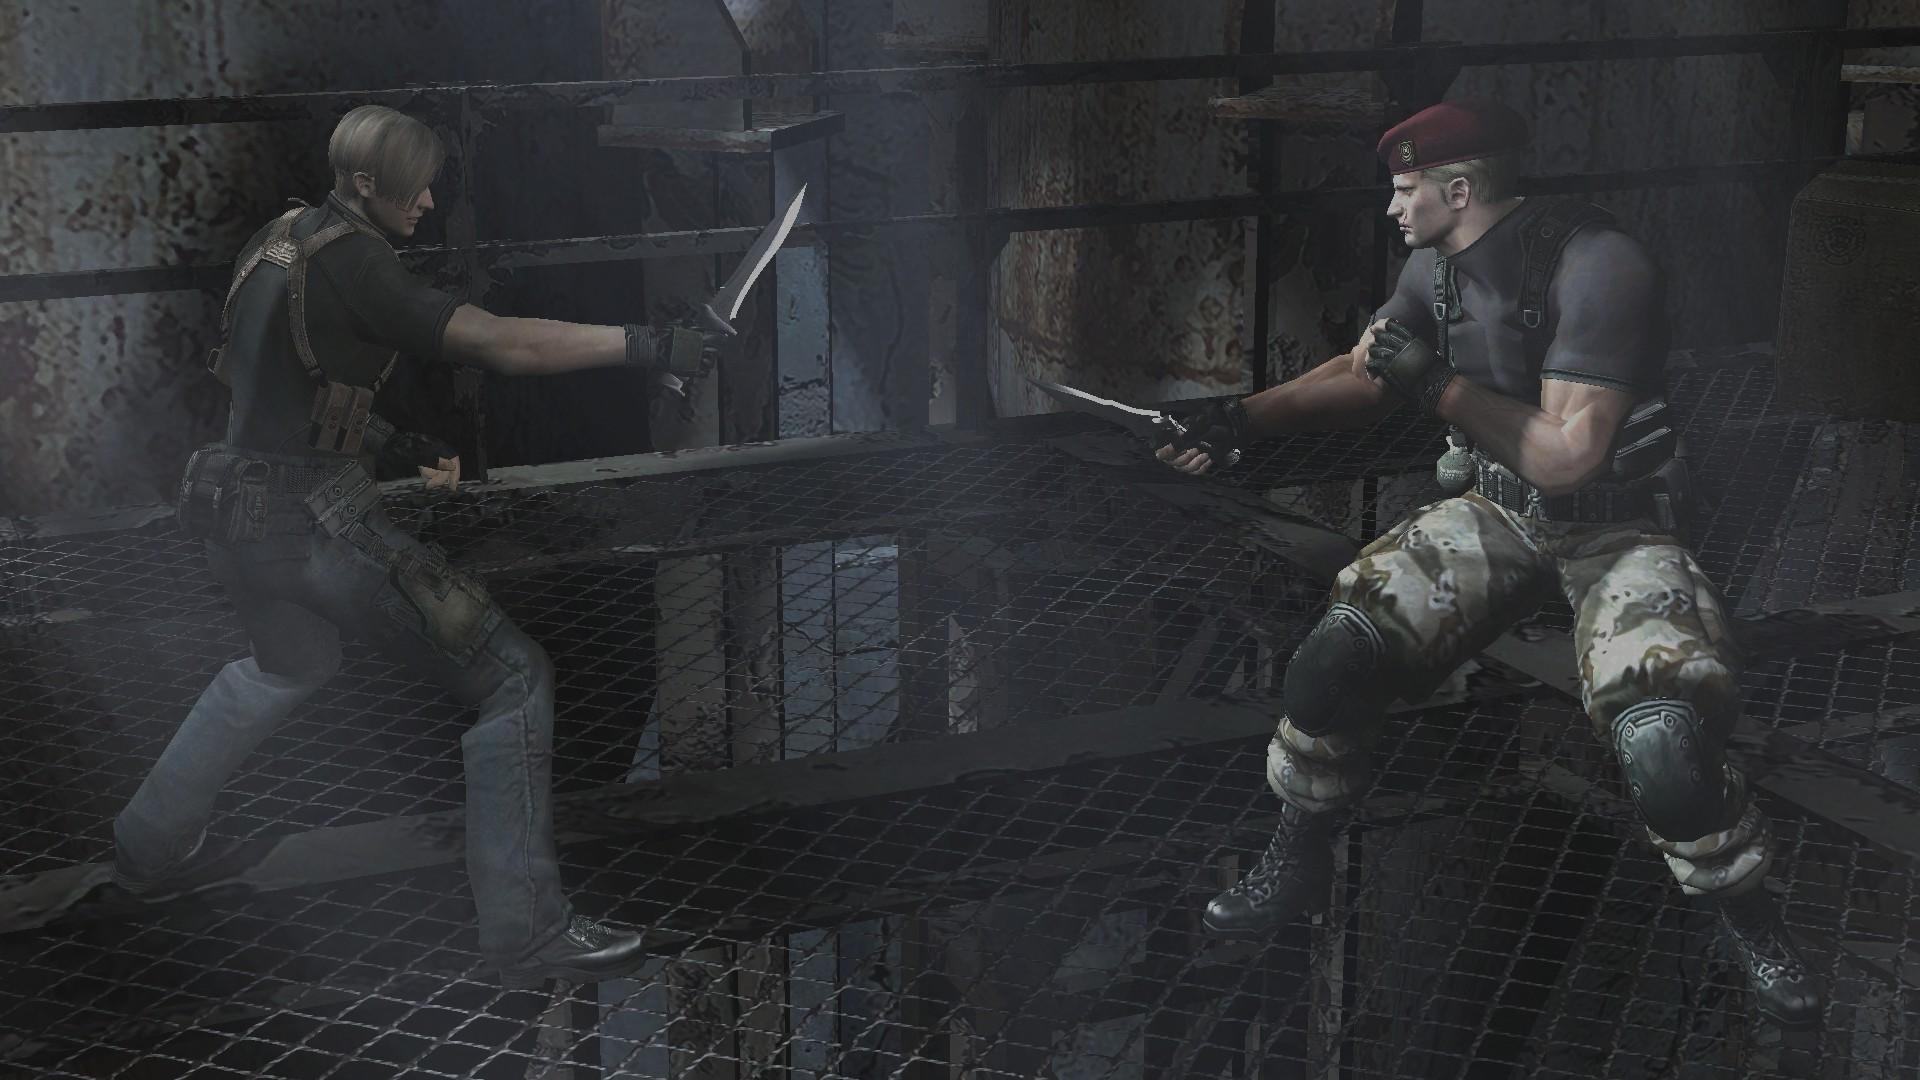 生化危机 4游戏宣传图